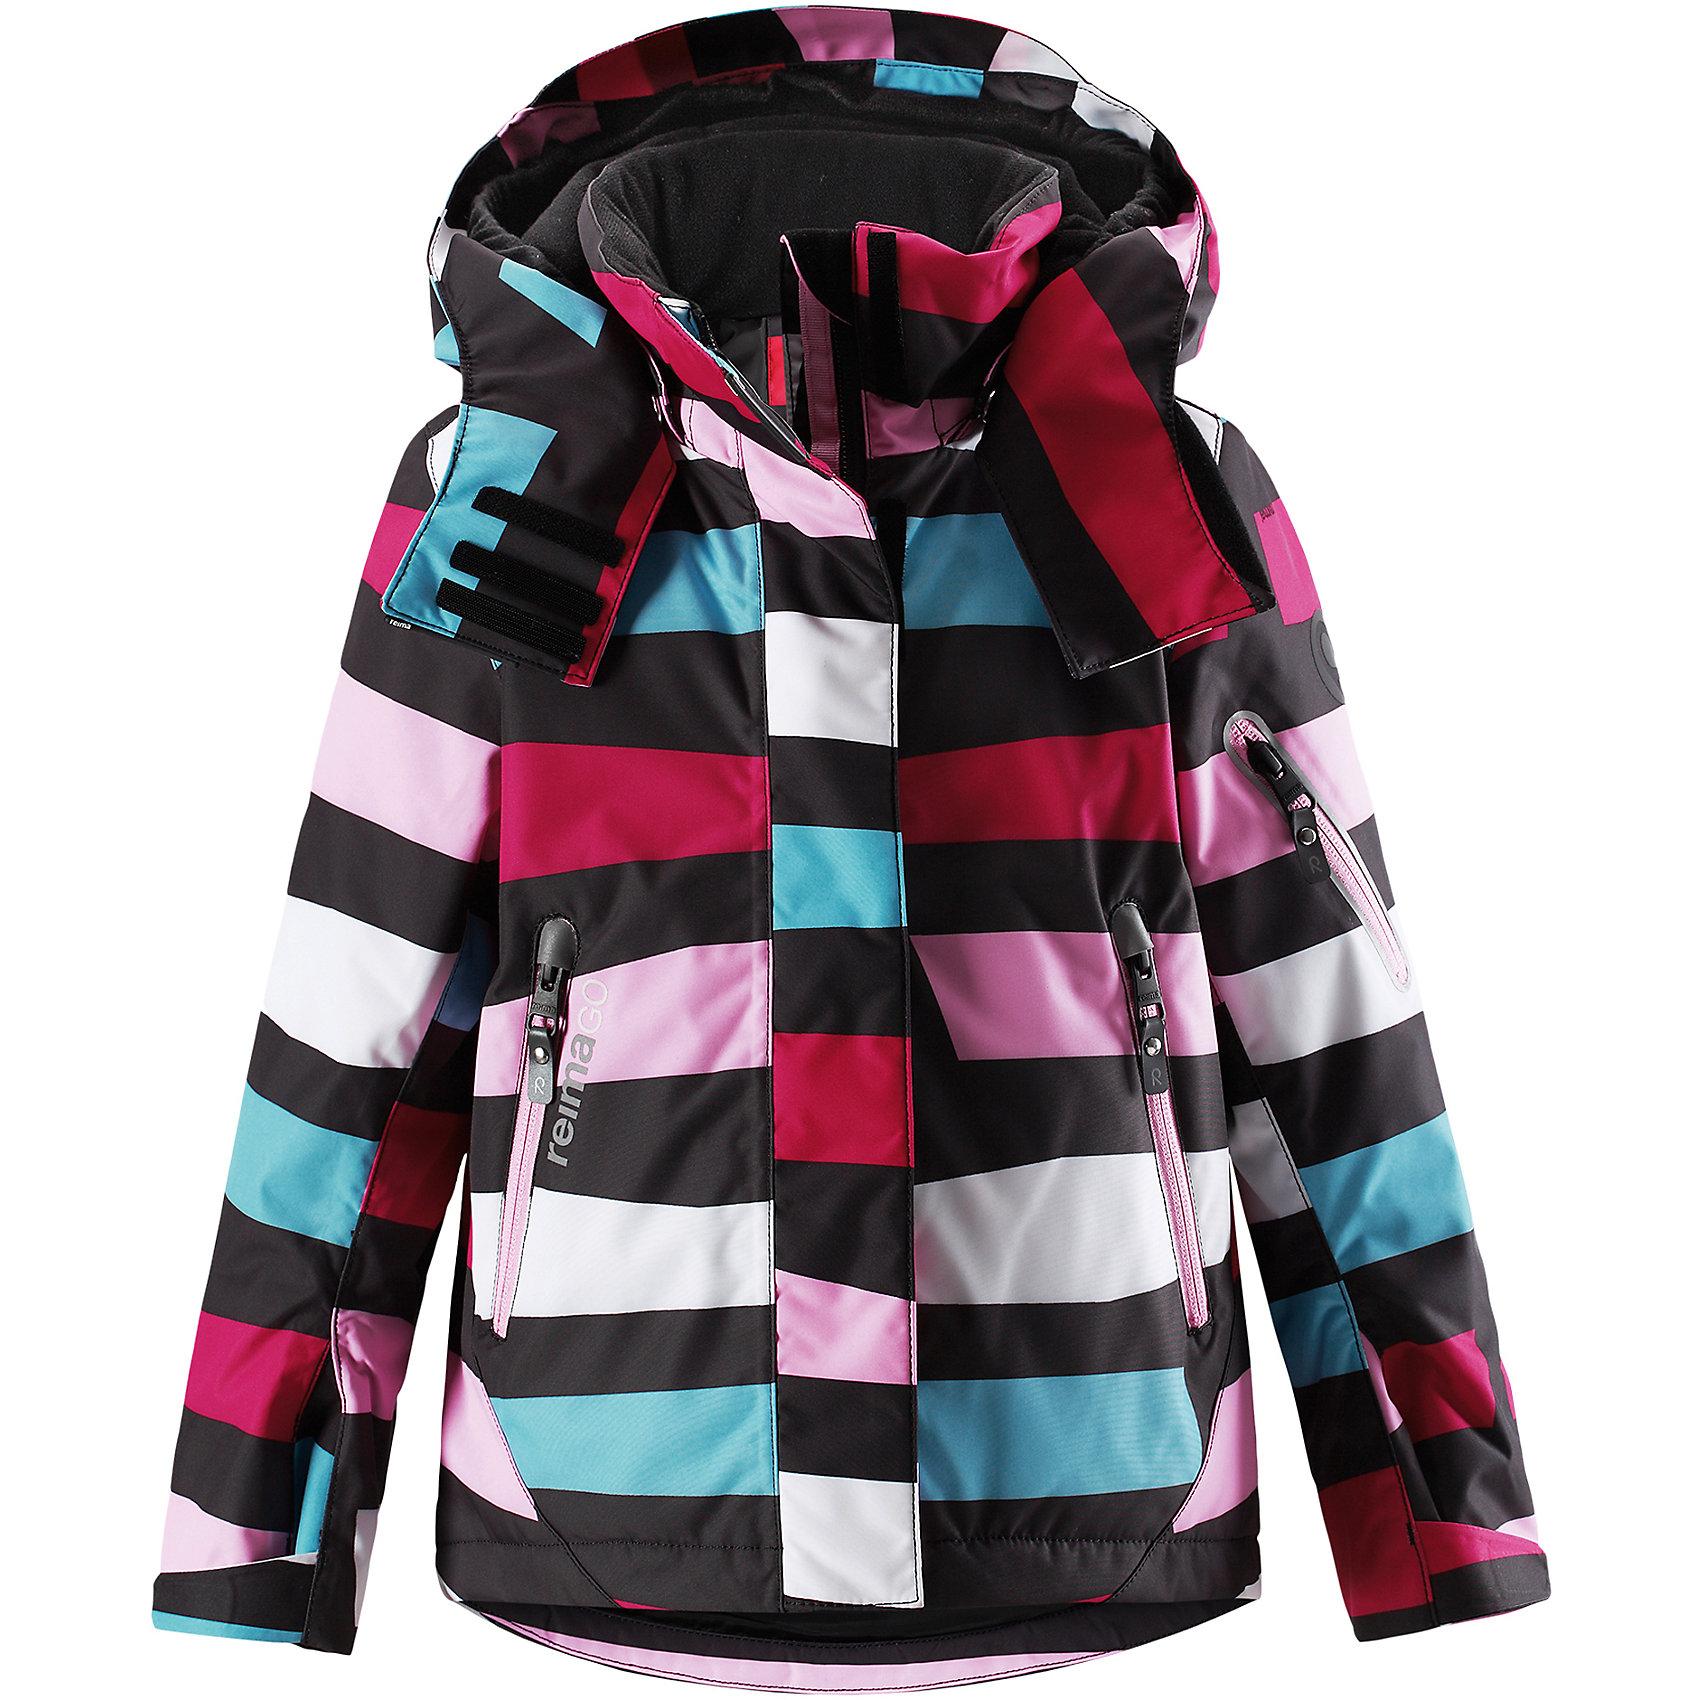 Куртка Roxana Reimatec® Reima для девочкиЗимние куртки<br>Детская абсолютно непромокаемая и ветронепроницаемая зимняя куртка Reimatec® с множеством функциональных деталей. Куртка с проклеенными швами сшита из специального, водо- и грязеотталкивающего и дышащего материала. Эта куртка с подкладкой из гладкого полиэстера легко надевается, и ее очень удобно носить с теплым промежуточным слоем. Манжеты и подол куртки регулируются, так что ее можно подогнать точно по фигуре. Снежную юбку можно пристегнуть к подкладке, если она не используется. <br><br>Съемный и регулируемый капюшон безопасен во время игр на свежем воздухе, он легко отстегнется, если вдруг за что-нибудь зацепится. Капюшон также оснащен козырьком и отворотом, защищающим шею от ветра. Отделку этой модной зимней модели довершают контрастные молнии на карманах, карман для лыжной карты на рукаве, нагрудный карман и карманы на молнии и специальный карман для сенсора ReimaGO. Эта куртка очень проста в уходе, кроме того, ее можно сушить в стиральной машине. Благодаря множеству практичных деталей эта прочная куртка просто создана для зимних забав, и особенно для лыж и санок!<br>Состав:<br>100% Полиэстер<br><br>Ширина мм: 356<br>Глубина мм: 10<br>Высота мм: 245<br>Вес г: 519<br>Цвет: красный<br>Возраст от месяцев: 108<br>Возраст до месяцев: 120<br>Пол: Женский<br>Возраст: Детский<br>Размер: 140,104,110,116,122,128,134<br>SKU: 6901441